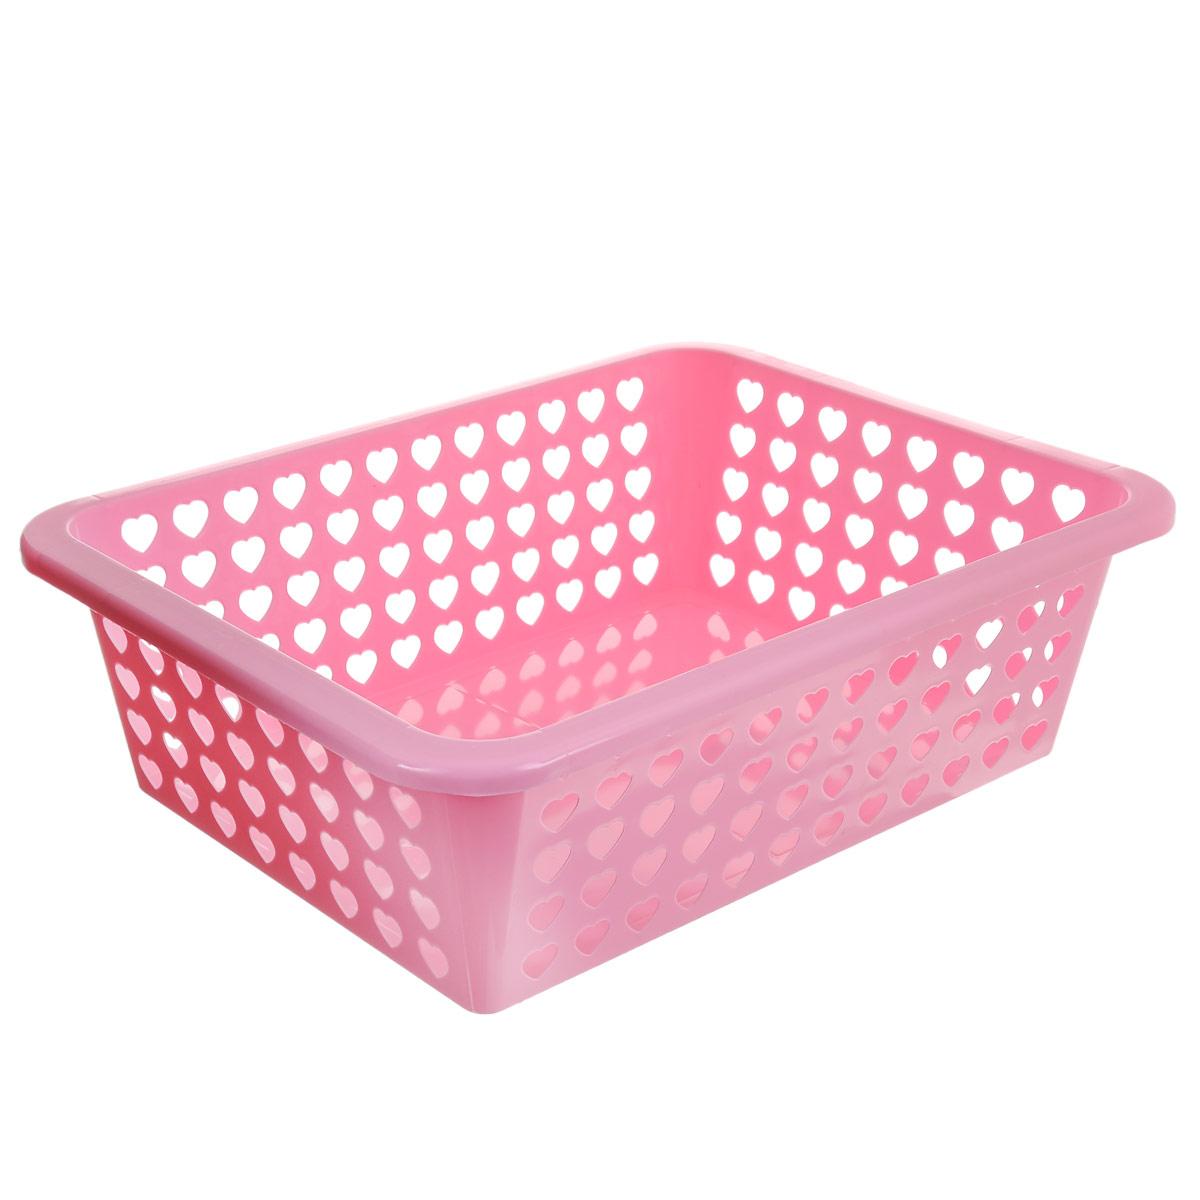 Корзина Альтернатива Вдохновение, цвет: розовый, 39,5 см х 29,7 см х 12 смМ611Корзина Альтернатива Вдохновение выполнена из пластика и оформлена перфорацией в виде сердечек. Изделие имеет сплошное дно и жесткую кромку. Корзина предназначена для хранения мелочей в ванной, на кухне, на даче или в гараже. Позволяет хранить мелкие вещи, исключая возможность их потери.